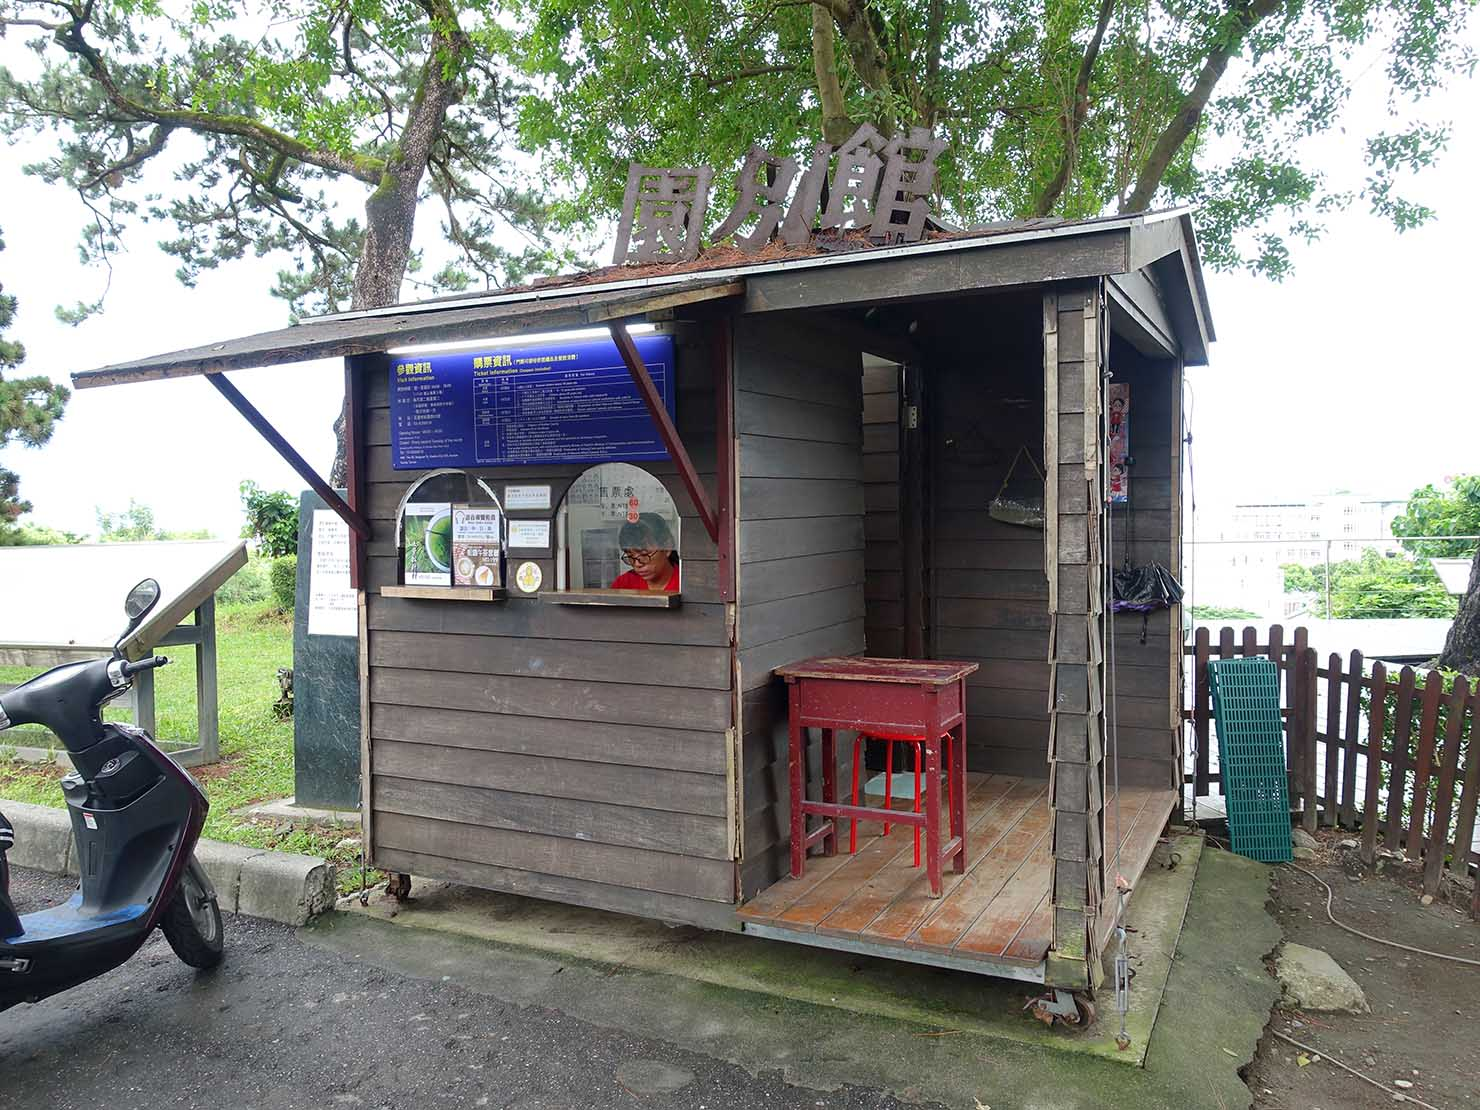 台湾・花蓮のおすすめ観光スポット「松園別館」のチケット売り場